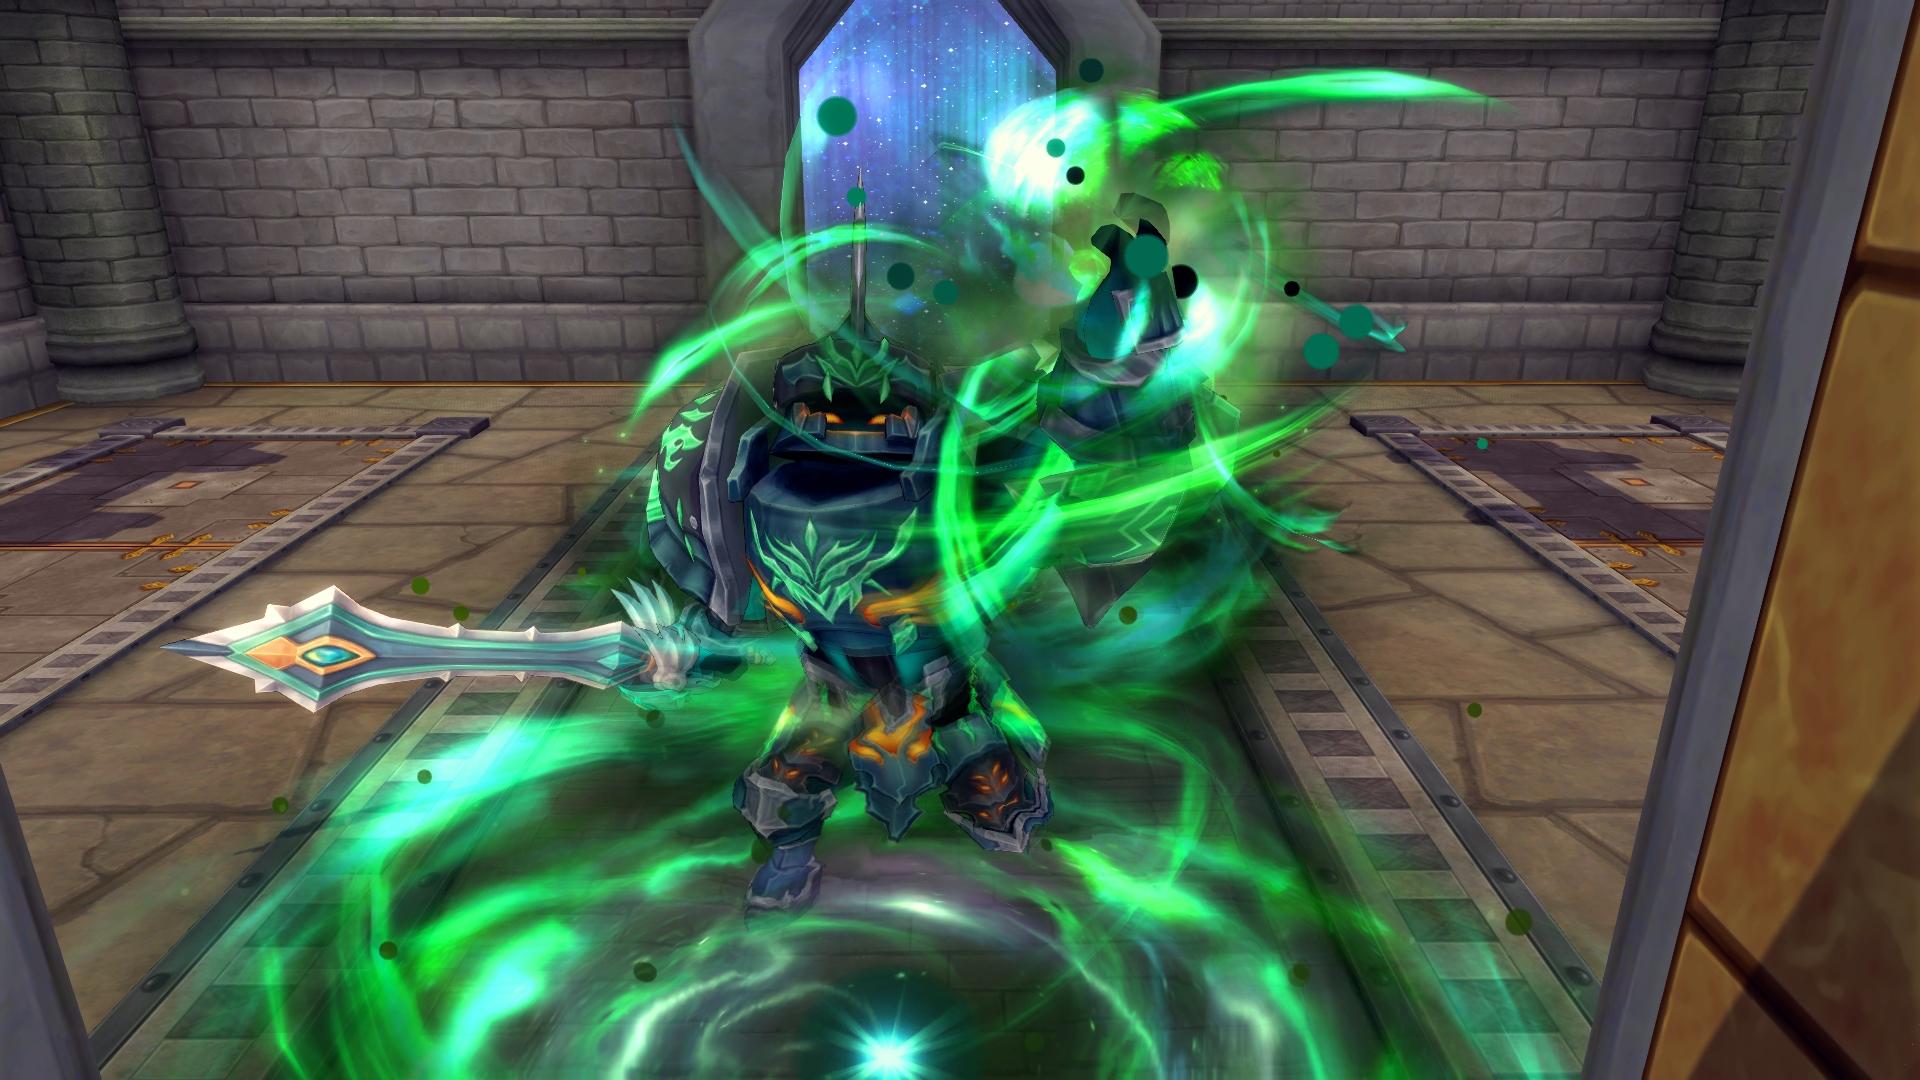 基本無料の新作ファンタジーオンラインゲーム『星界神話 -ASTRAL TALE-』  12月8日(火)に敵を弱体化させる新職業「学者」を実装‼